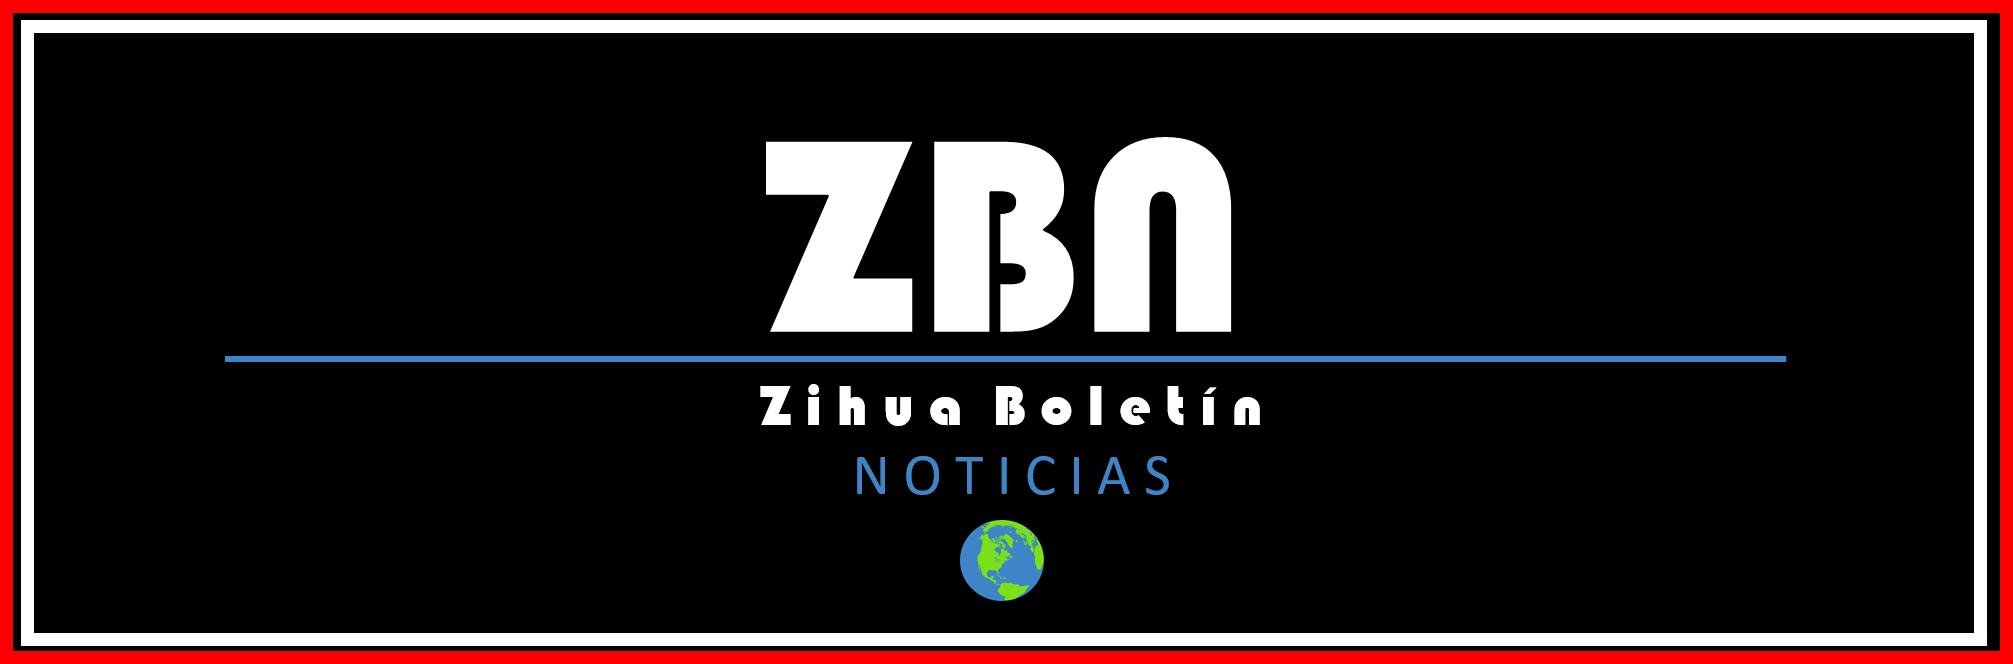 Zihua Boletín Noticias